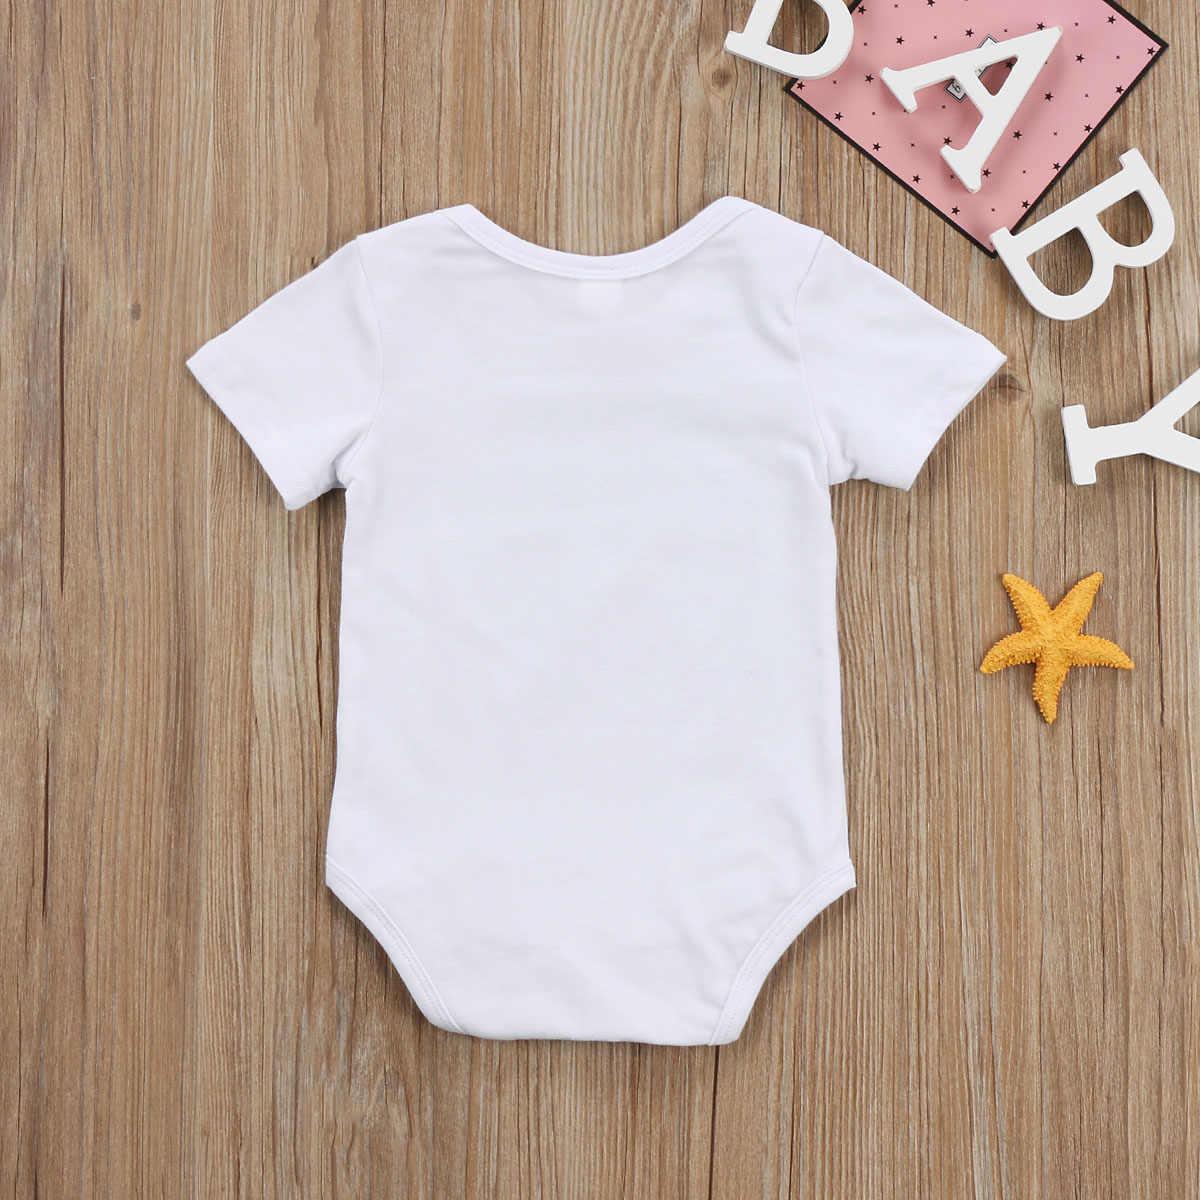 תינוק בגד גוף!! יילוד תינוקות תינוק ילד ילדה כותנה ארוך שרוול מכתב בגד גוף בגדי תלבושות סט גודל 0-24 m